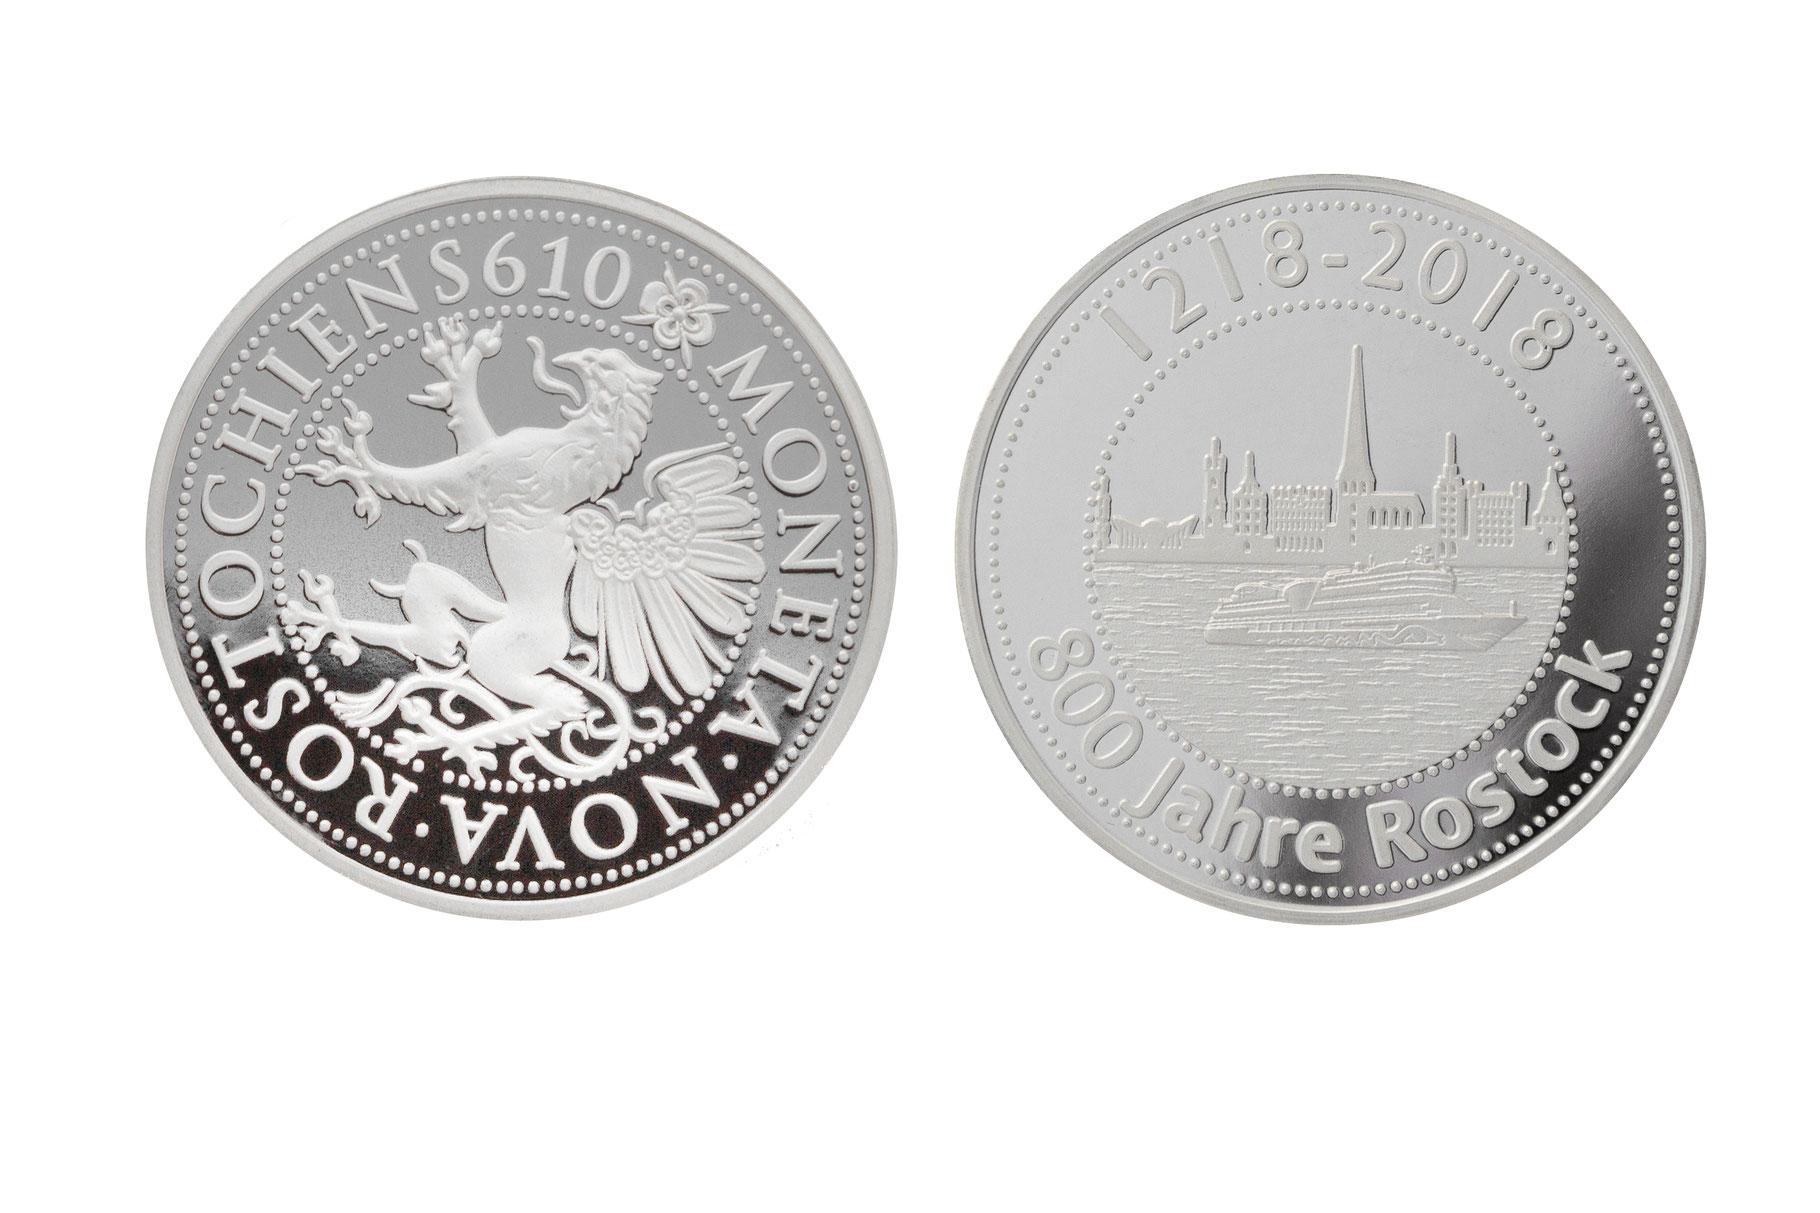 Online Shop Für Rostocks 800 Jahre Münze 800 Jahre Rostock Münze